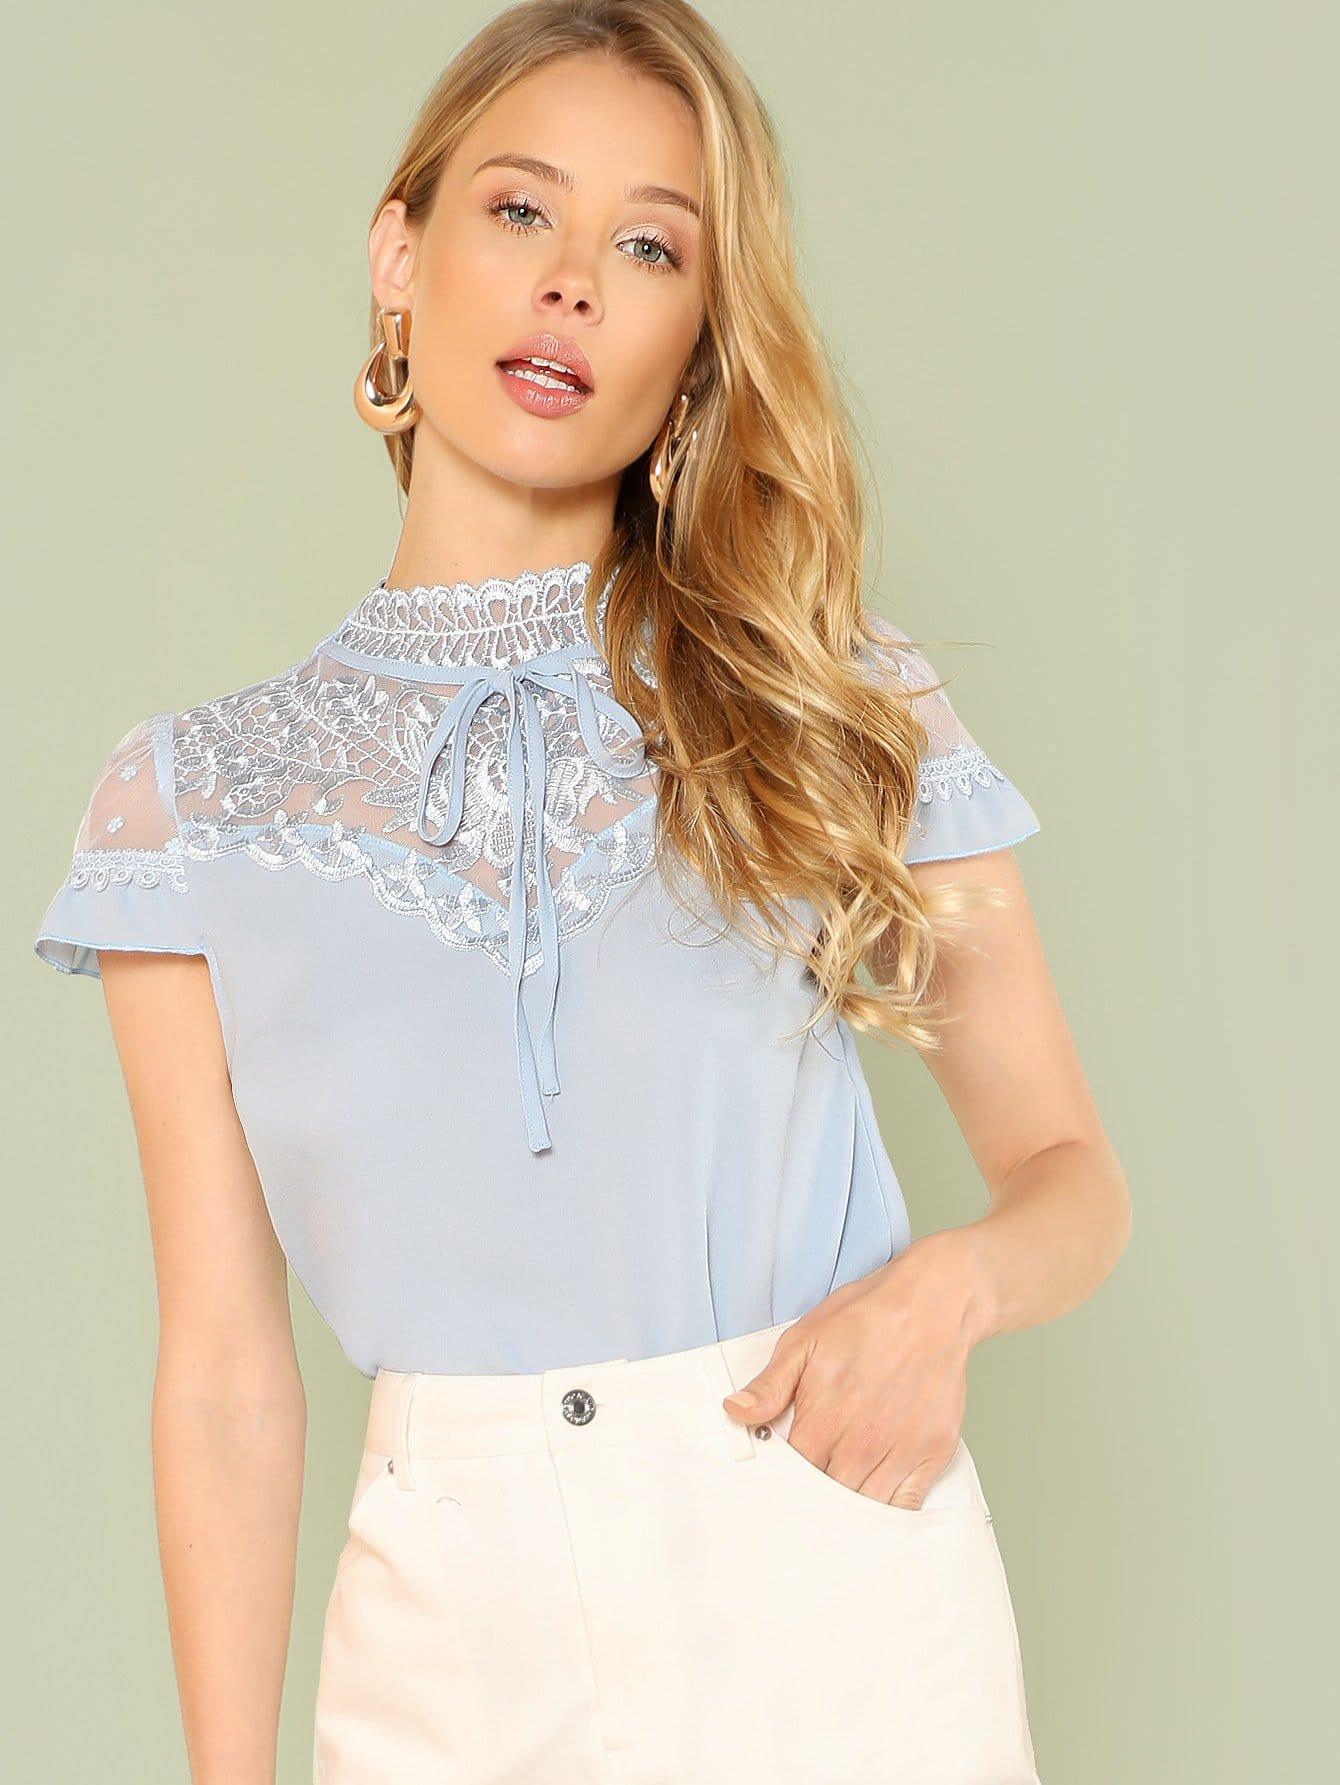 Купить Прозрачная блузка с вышивкой, Allie Leggett, SheIn